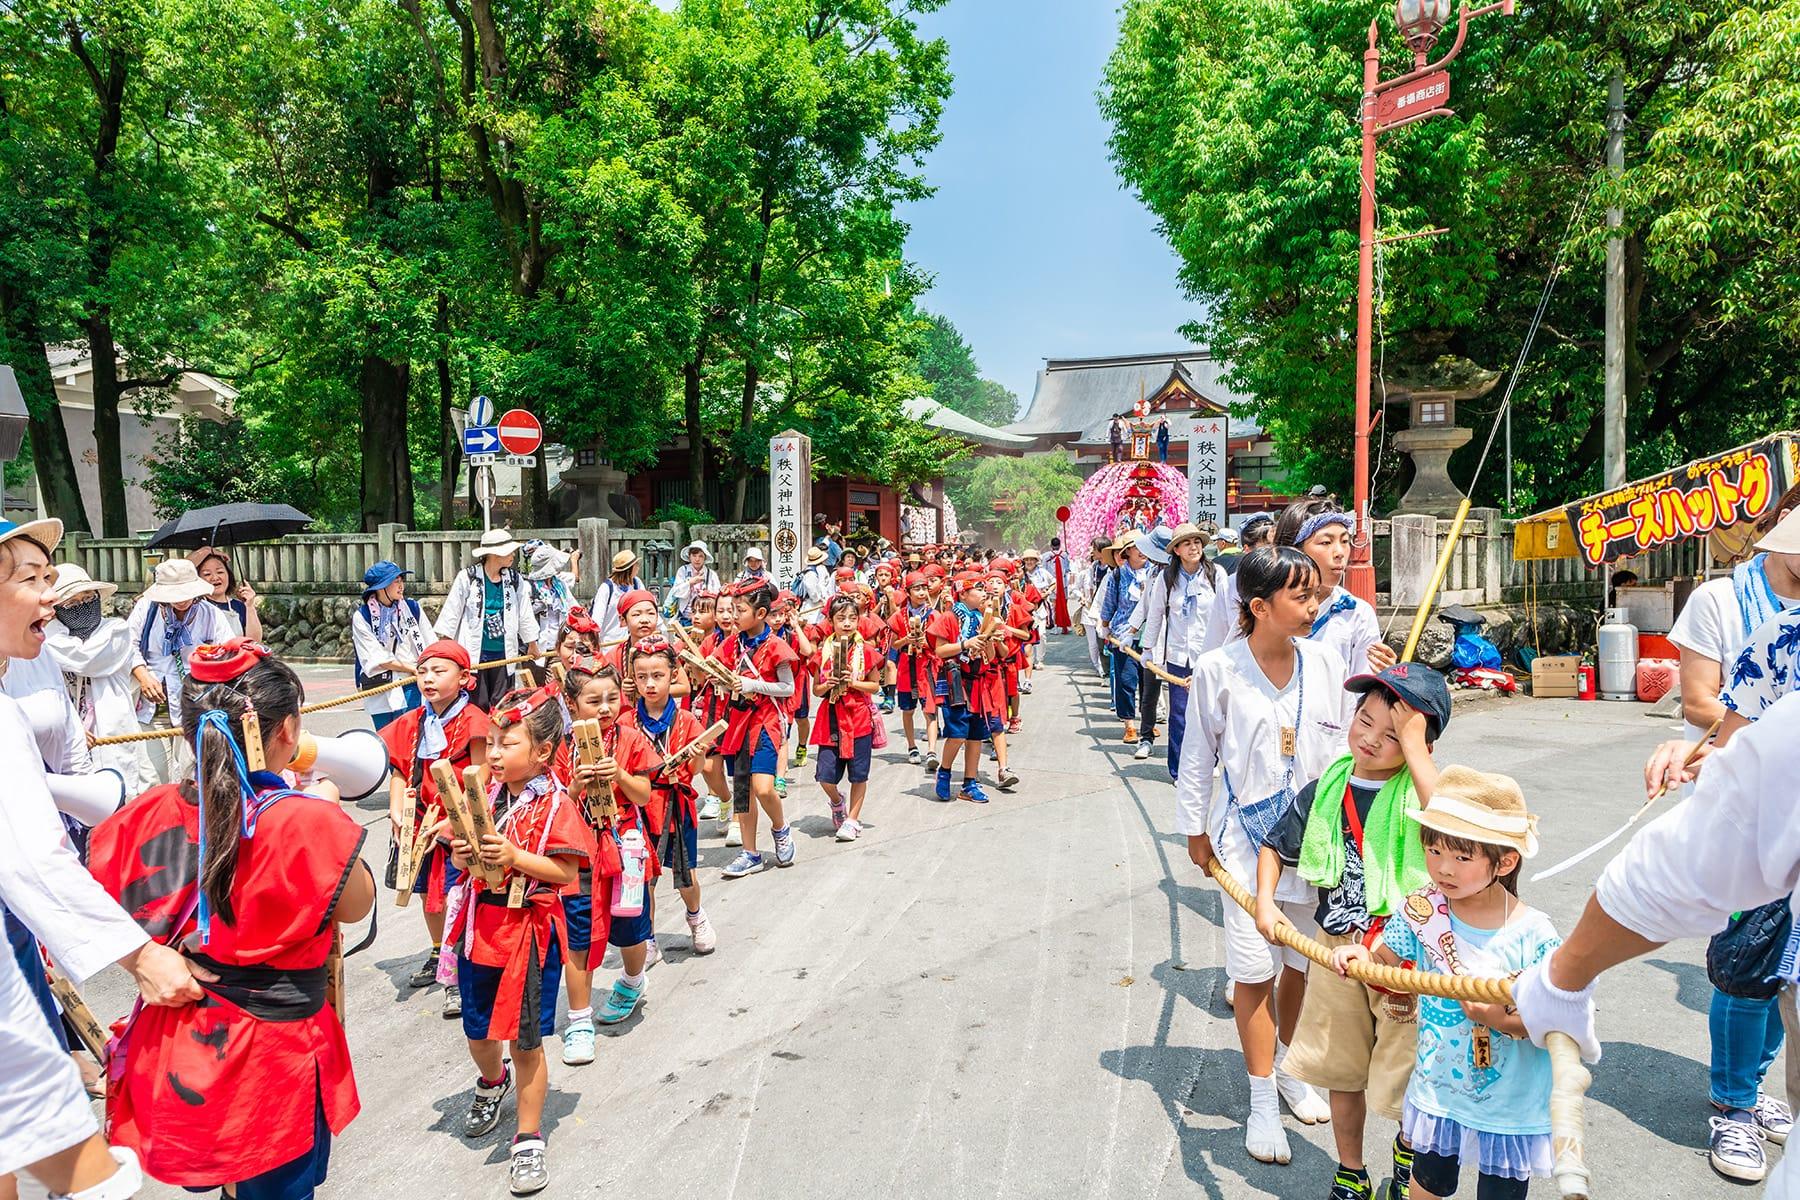 秩父川瀬祭|秩父市市街中心部